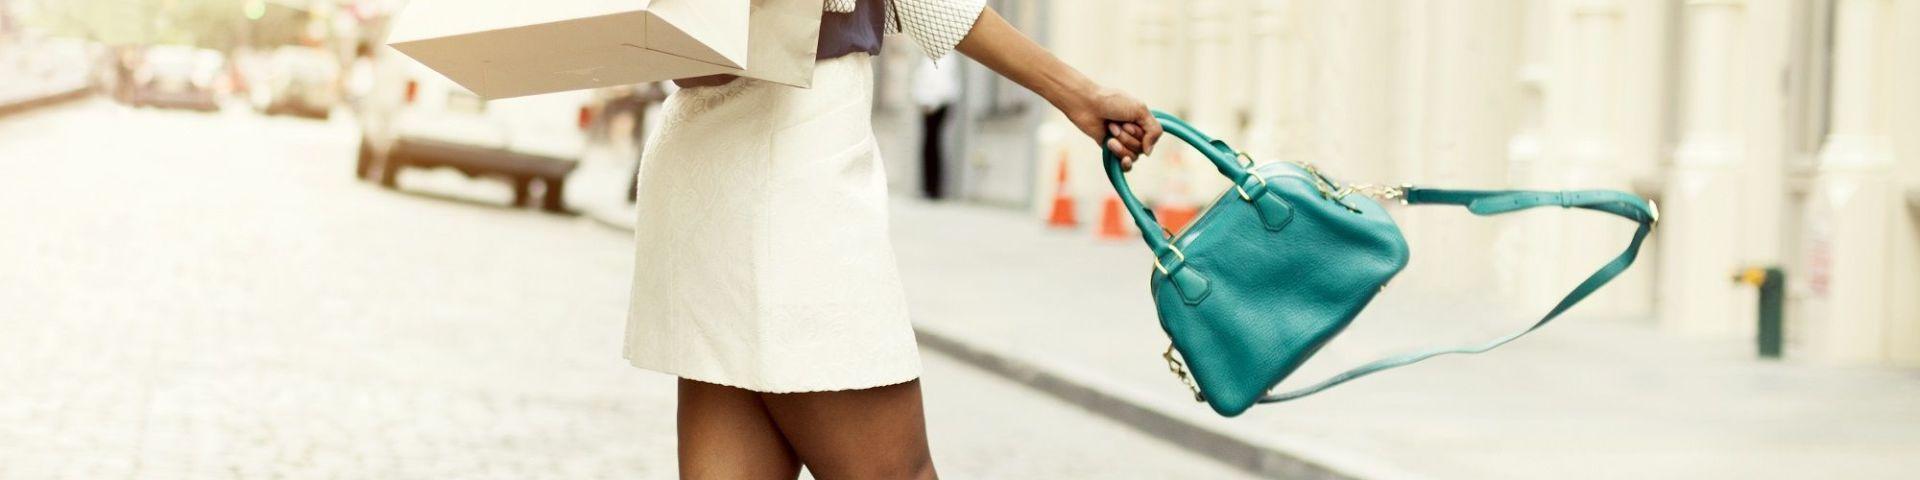 Handtaschenpreise - Reisen mit leichtem Gepäck*